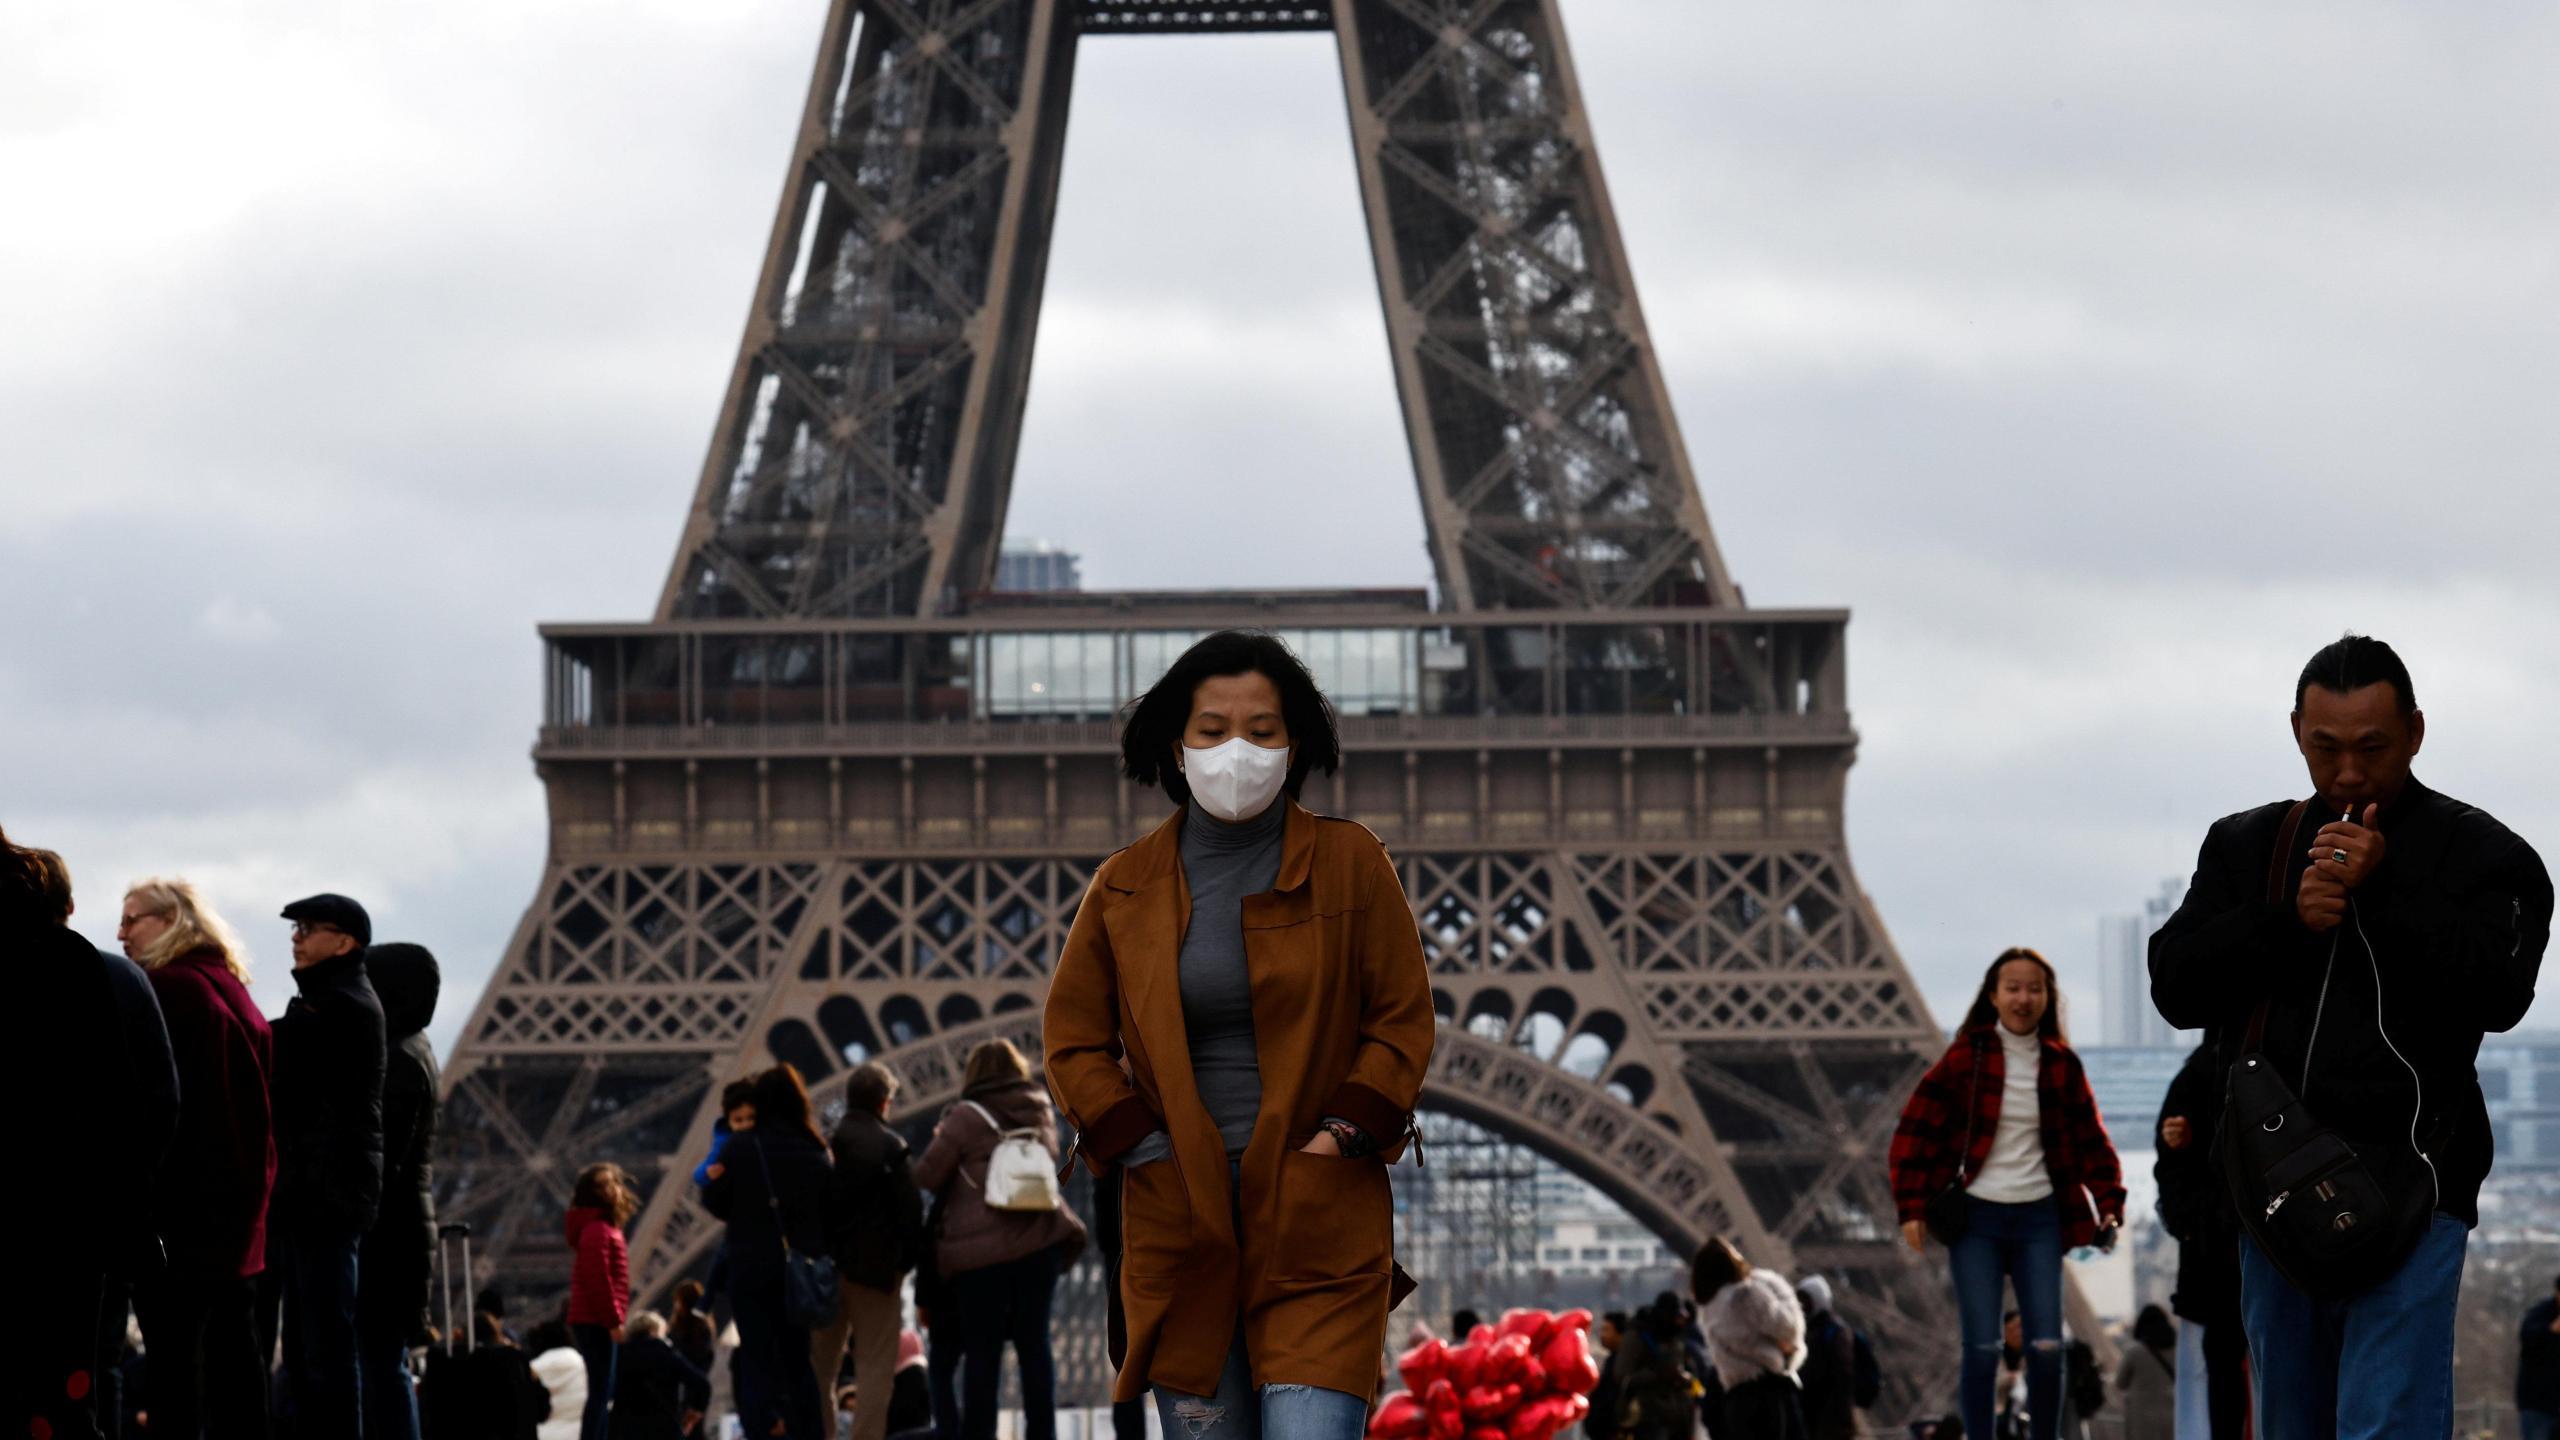 Коронавирус начал распространяться по Европе еще в конце 2019 года